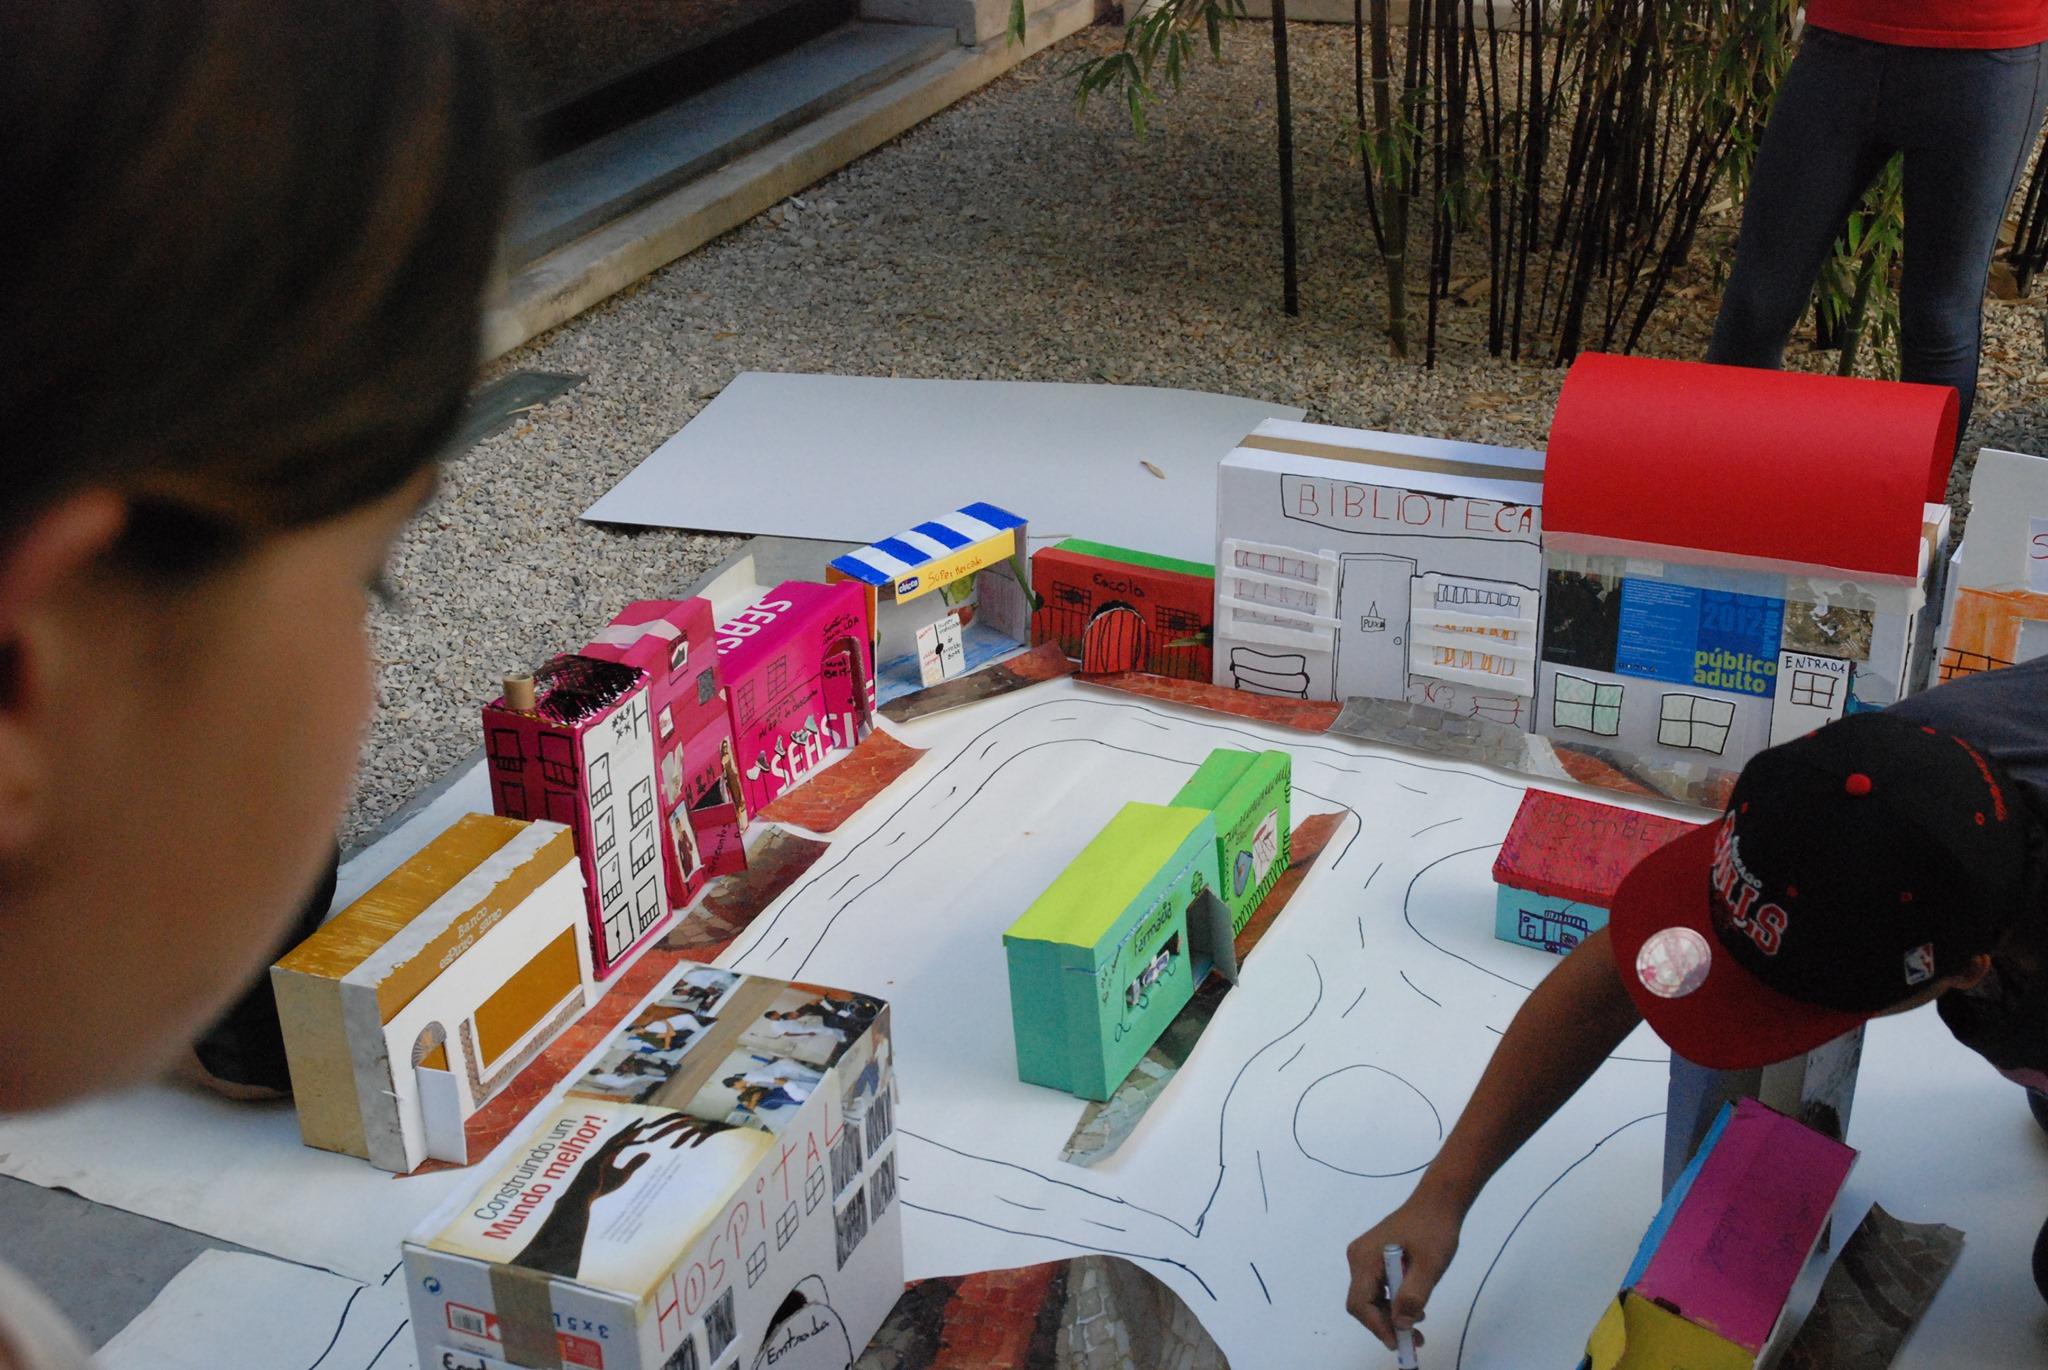 Desenhar a Cidade. Exercícios sobre Arquitetura e Urbanismo | Visita animada/atelier para famílias